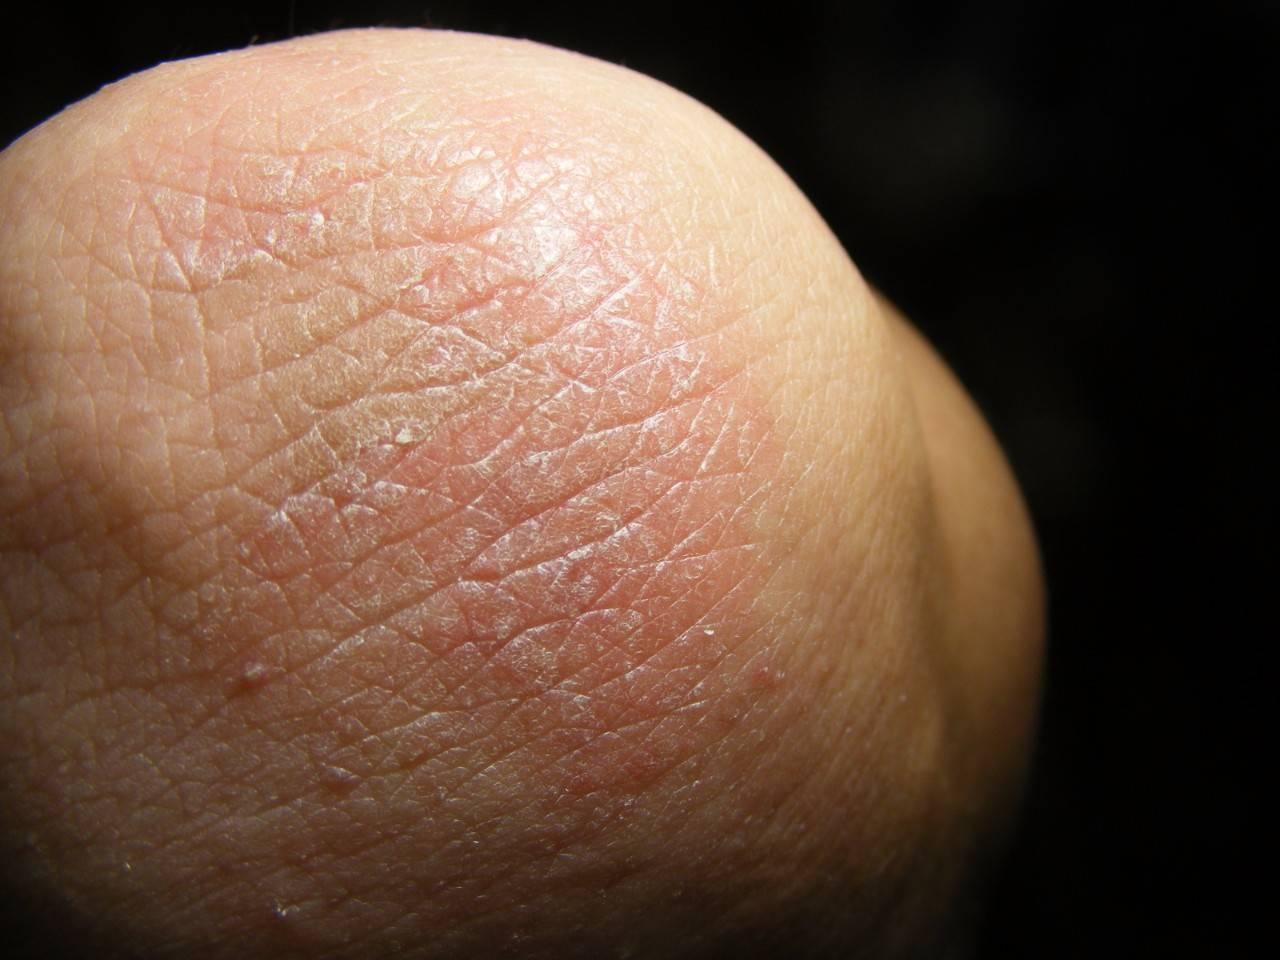 Псориаз на теле — 120 фото начальной стадии. от чего появляется болезнь и как она лечится современными методами